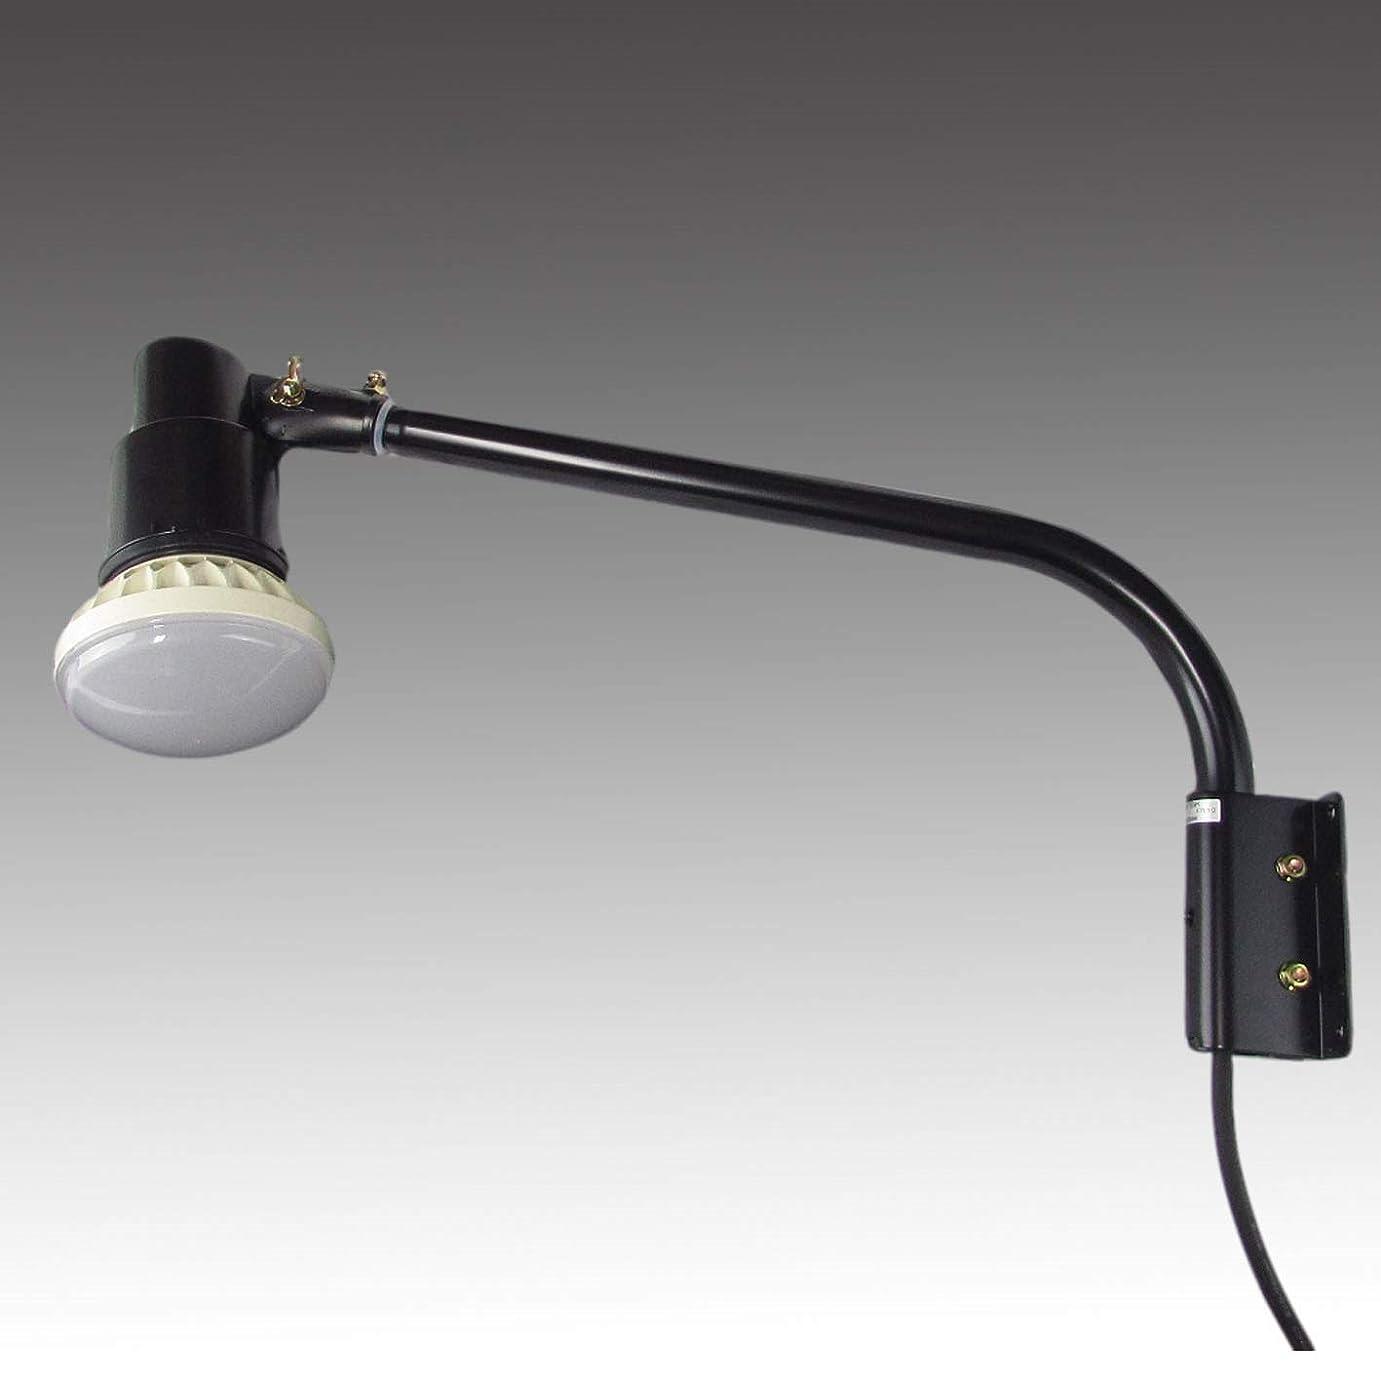 読書をする許容規則性【2年保証】屋外用LEDライト20W200W相当形 ショートアームセット(本体色:ブラック アーム長465mm) (5000K昼白色(白色))